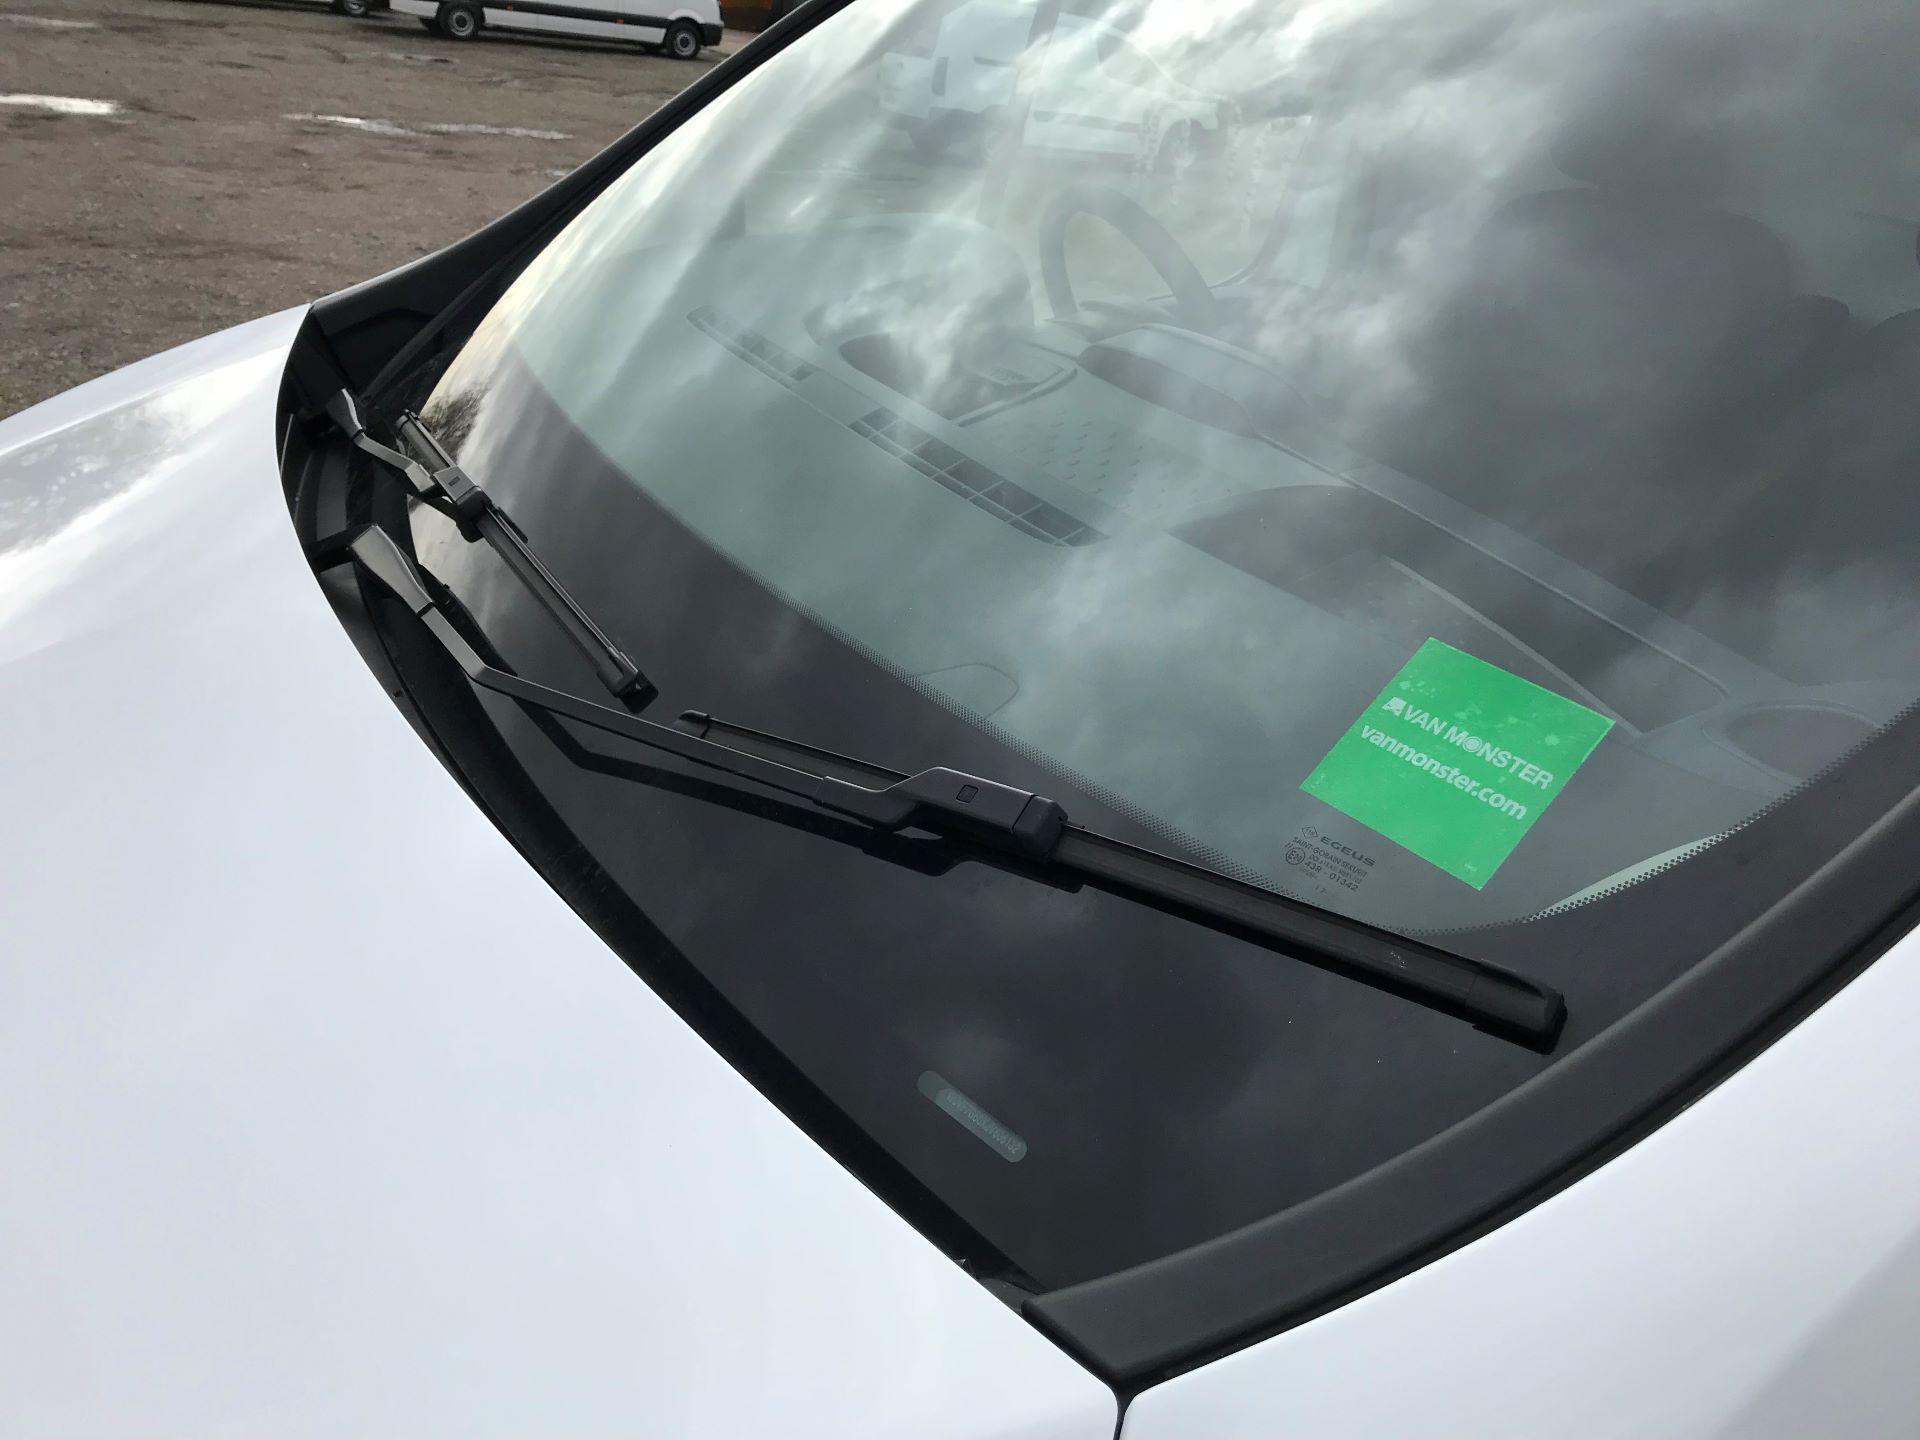 2017 Vauxhall Vivaro L2 H1 2900 1.6CDTI 120PS EURO 6 (DV67WLK) Image 20